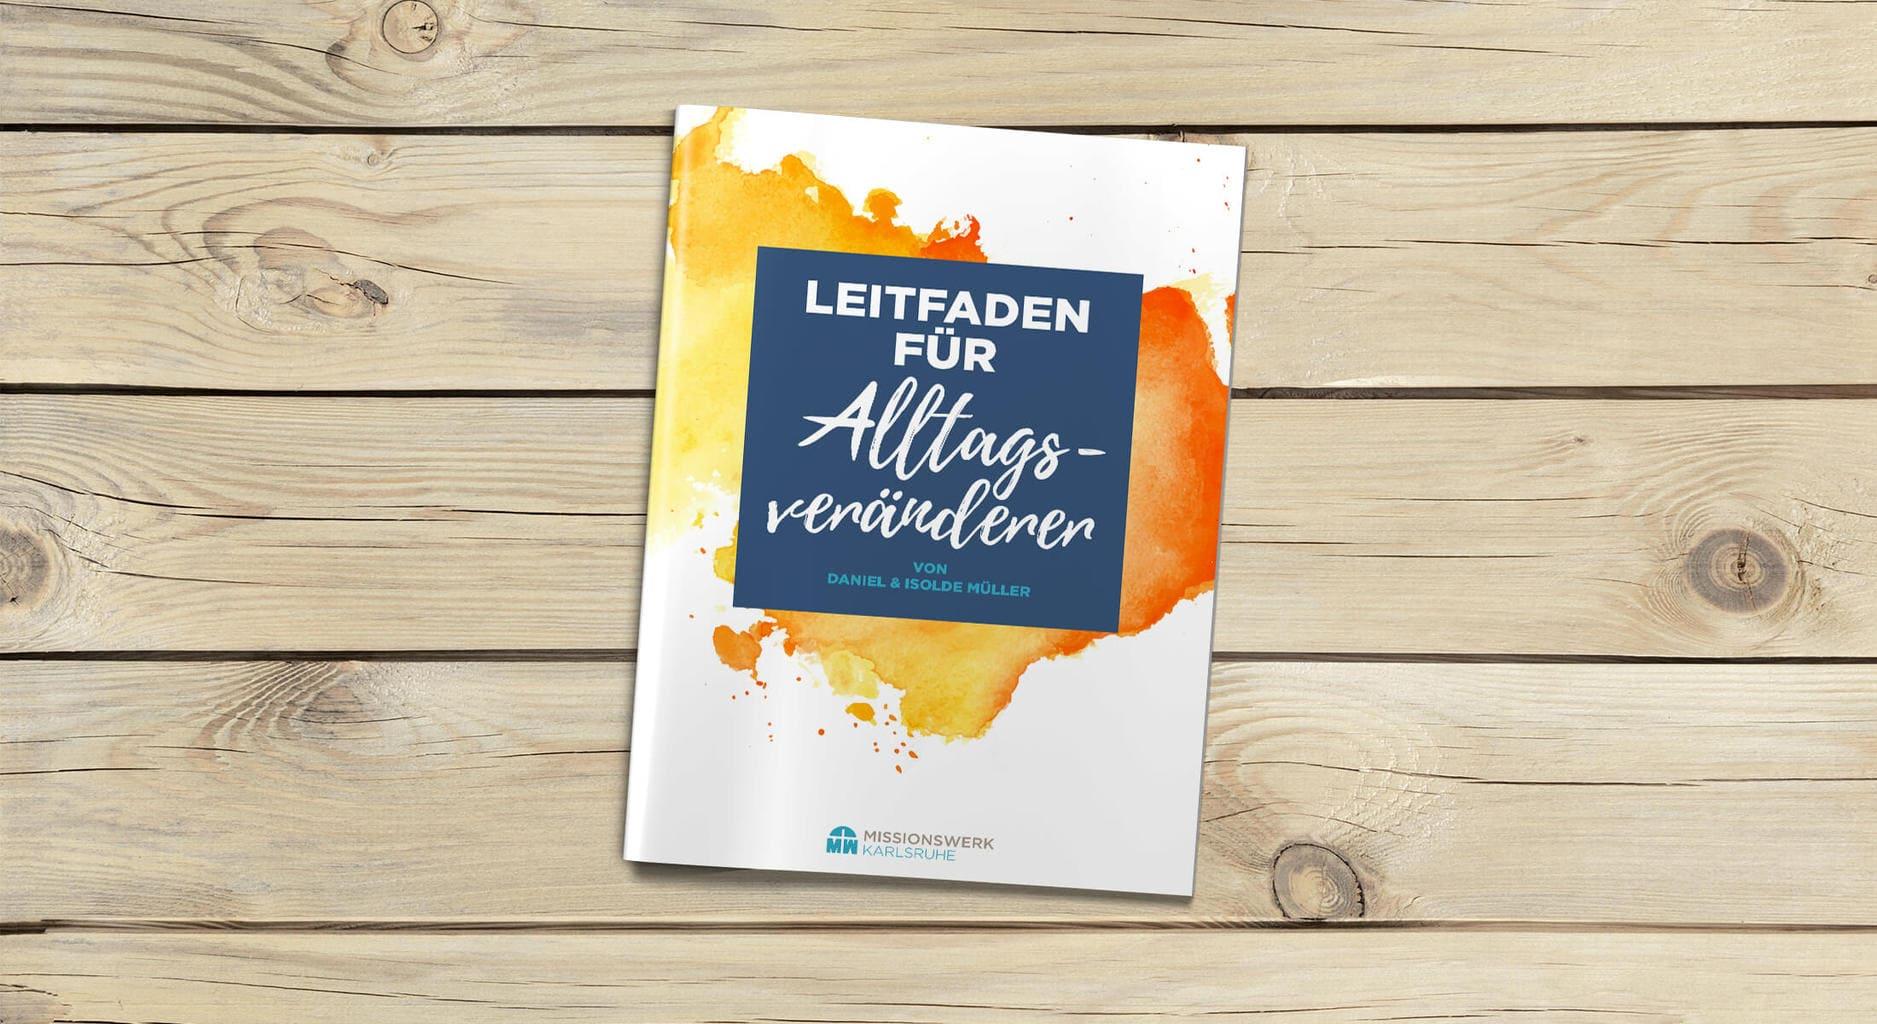 Leitfaden für Alltagsveränderer vom Missionswerk Karlsruhe